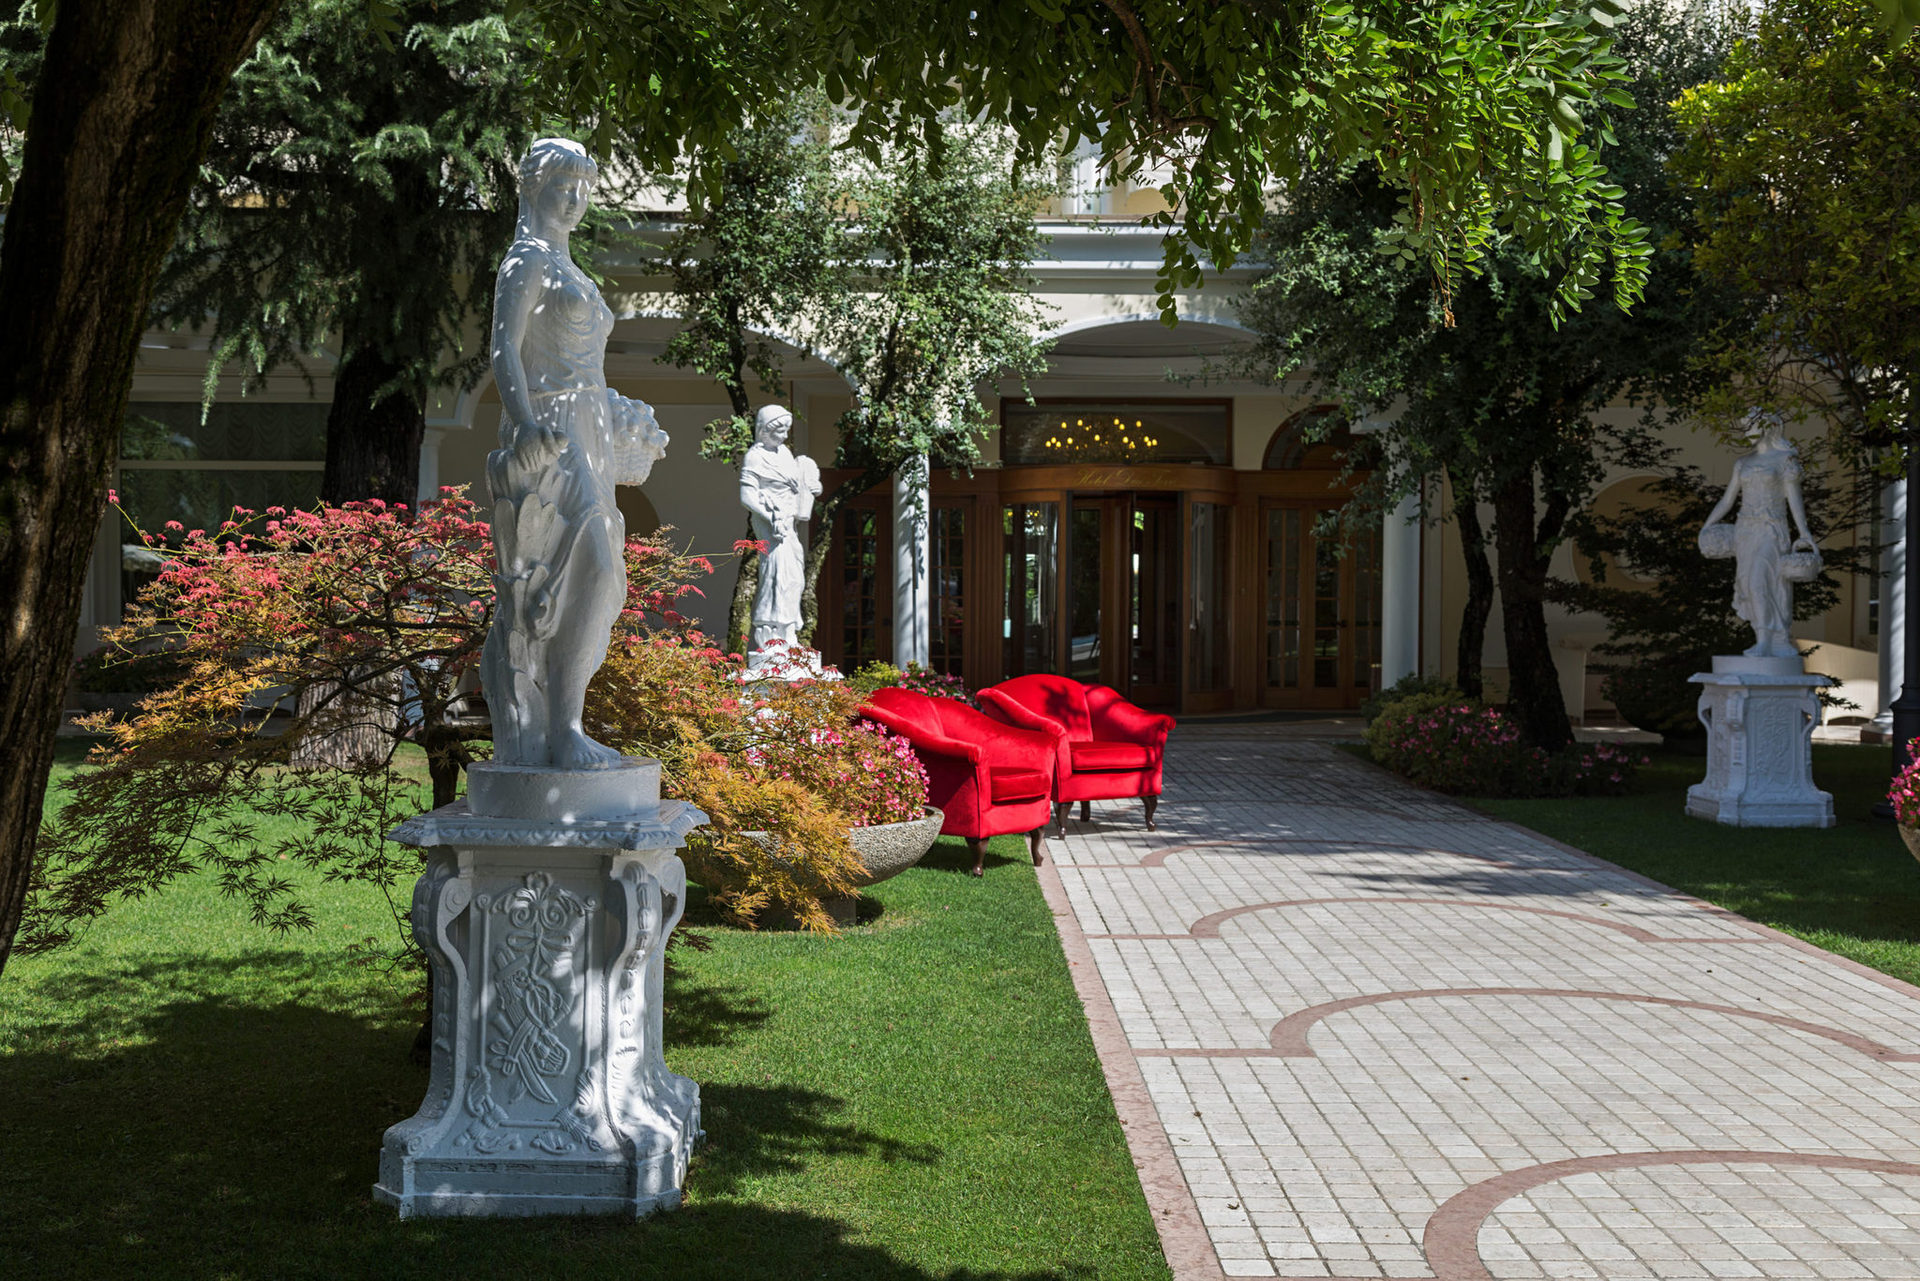 Поблизости расположен старинный сад Монтирон, с которого началась история курорта Абано Терме. В этом саду, где все дышит историей, прогулка станет особенно приятной и успокаивающей.